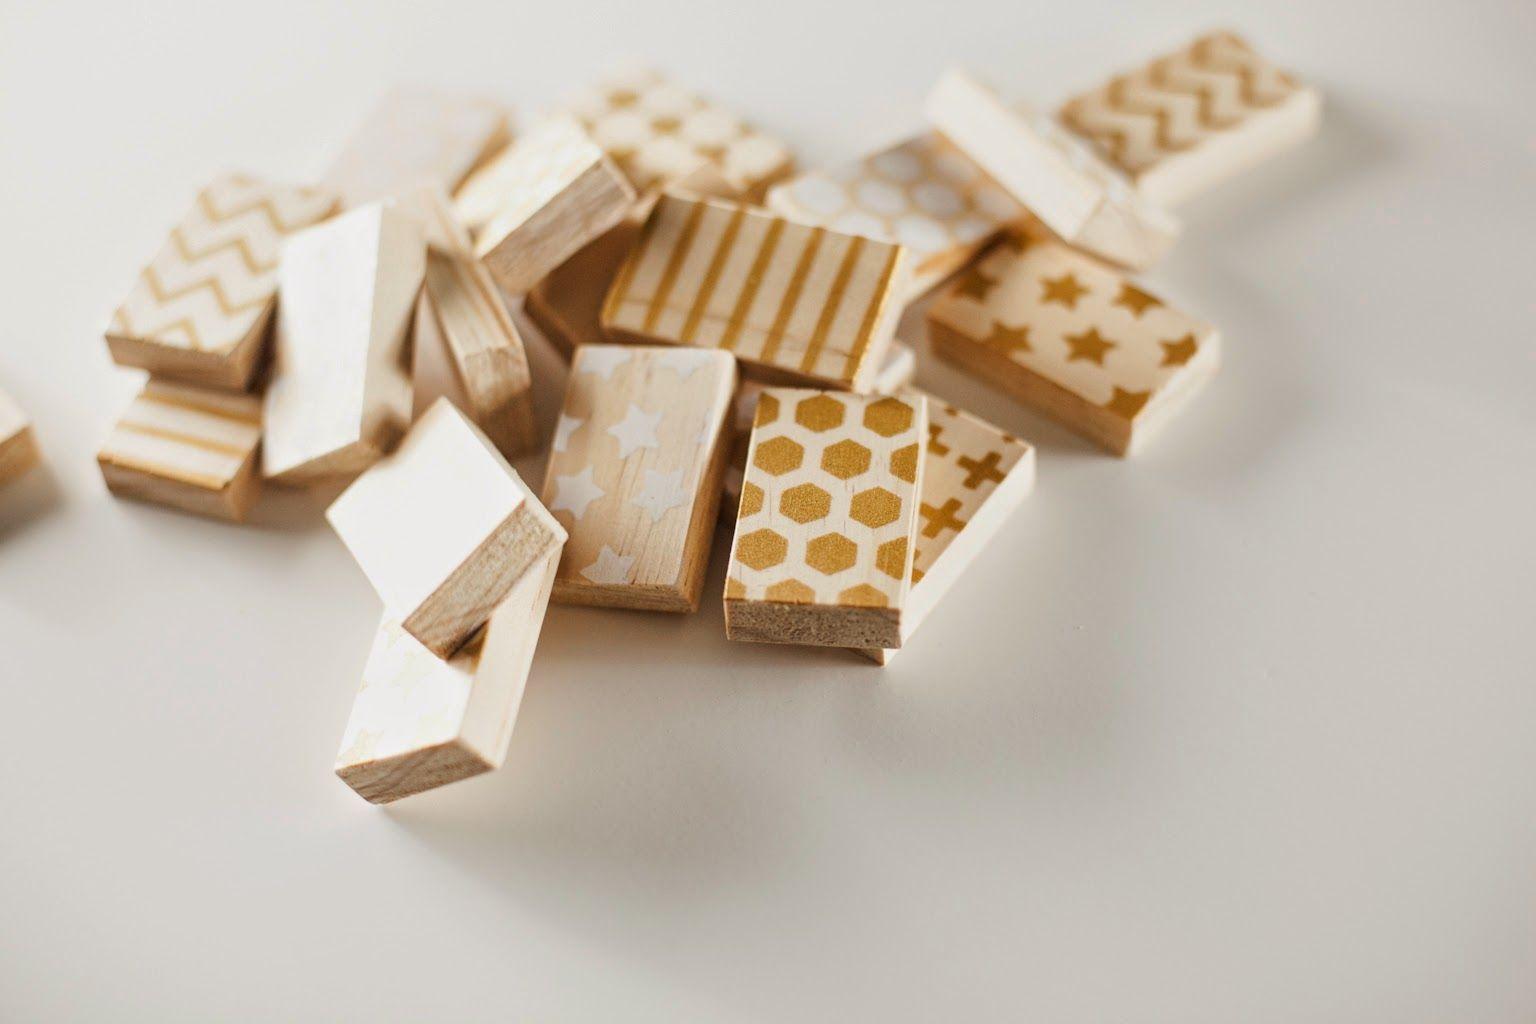 Crafted: DIY wood block memory game